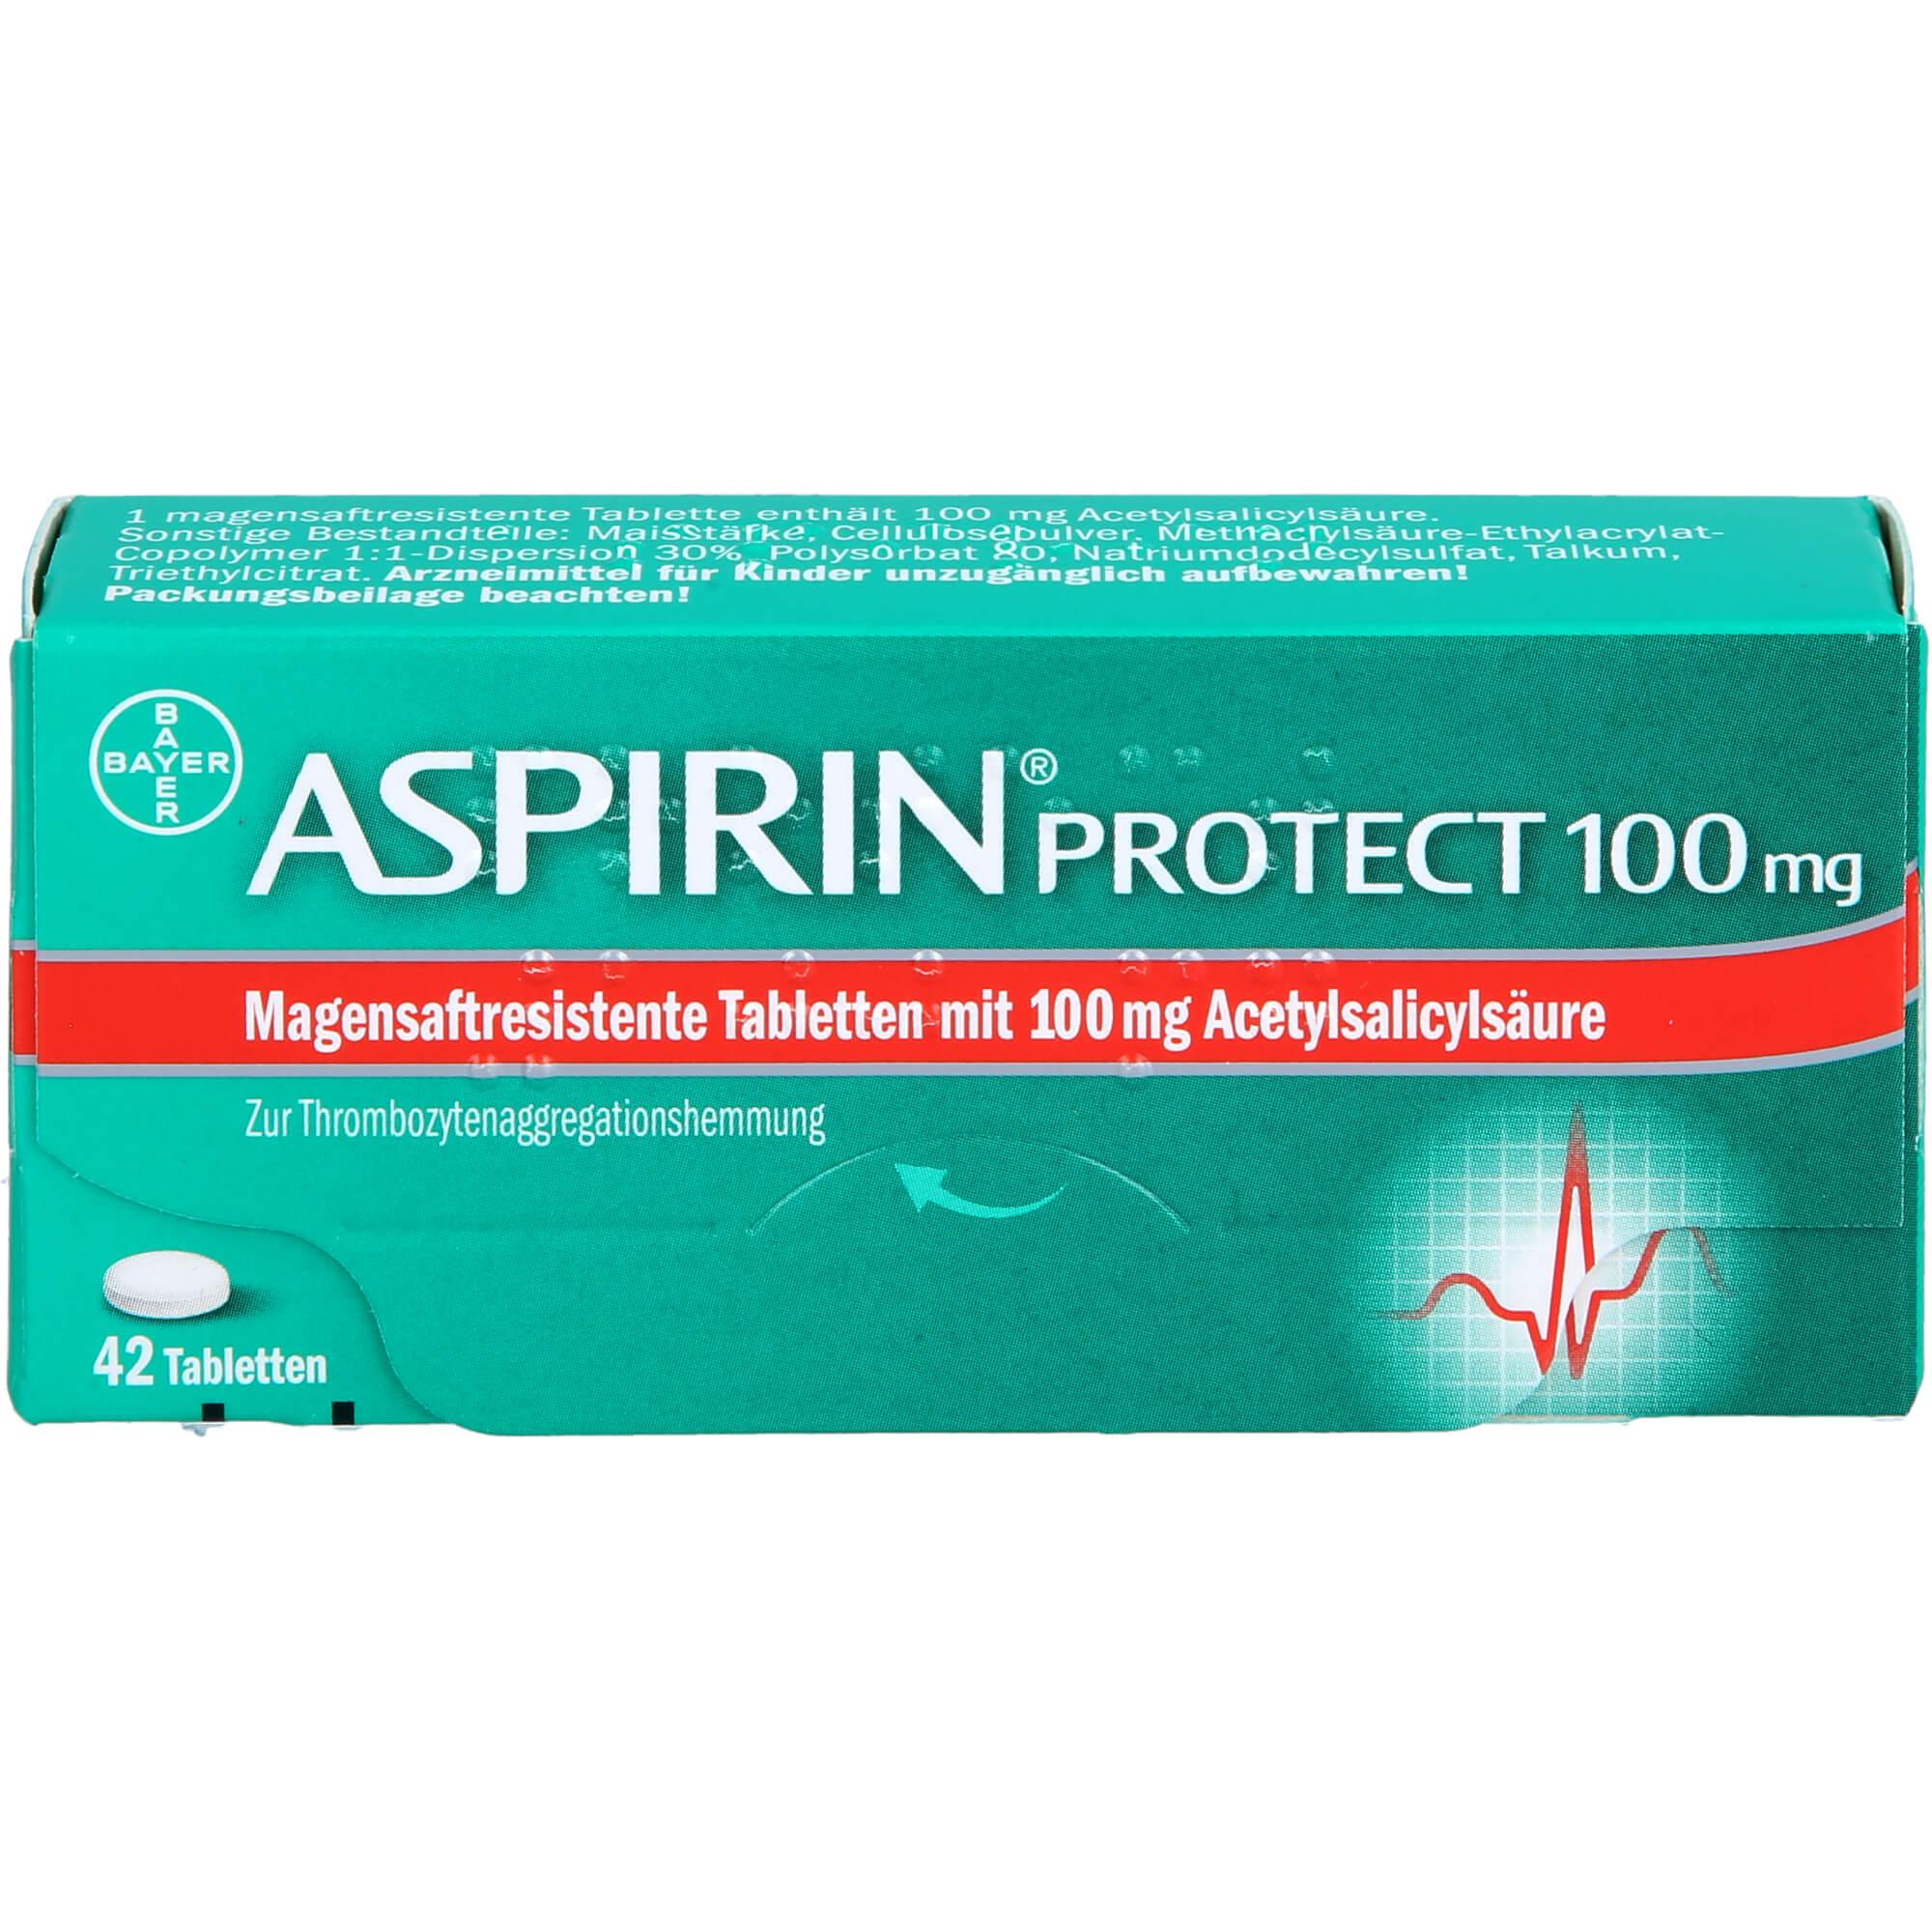 ASPIRIN-Protect-100-mg-magensaftres-Tabletten